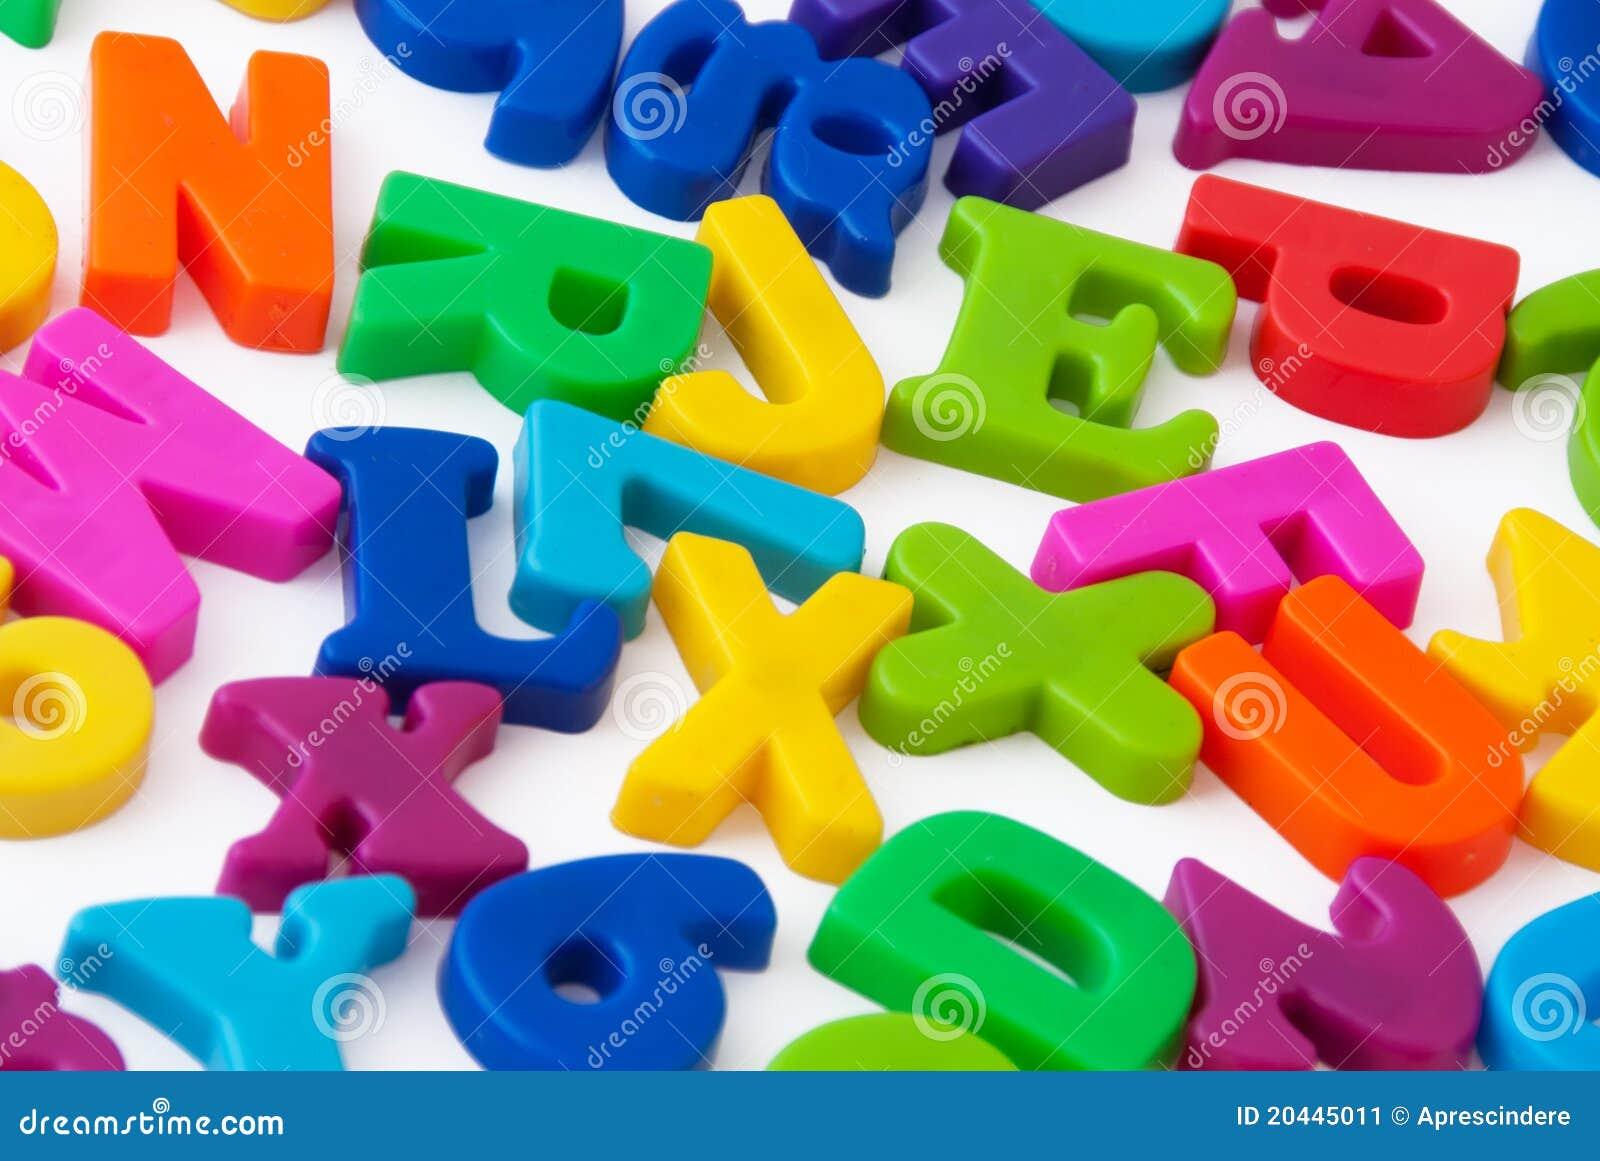 Magnetische alfabetbrieven